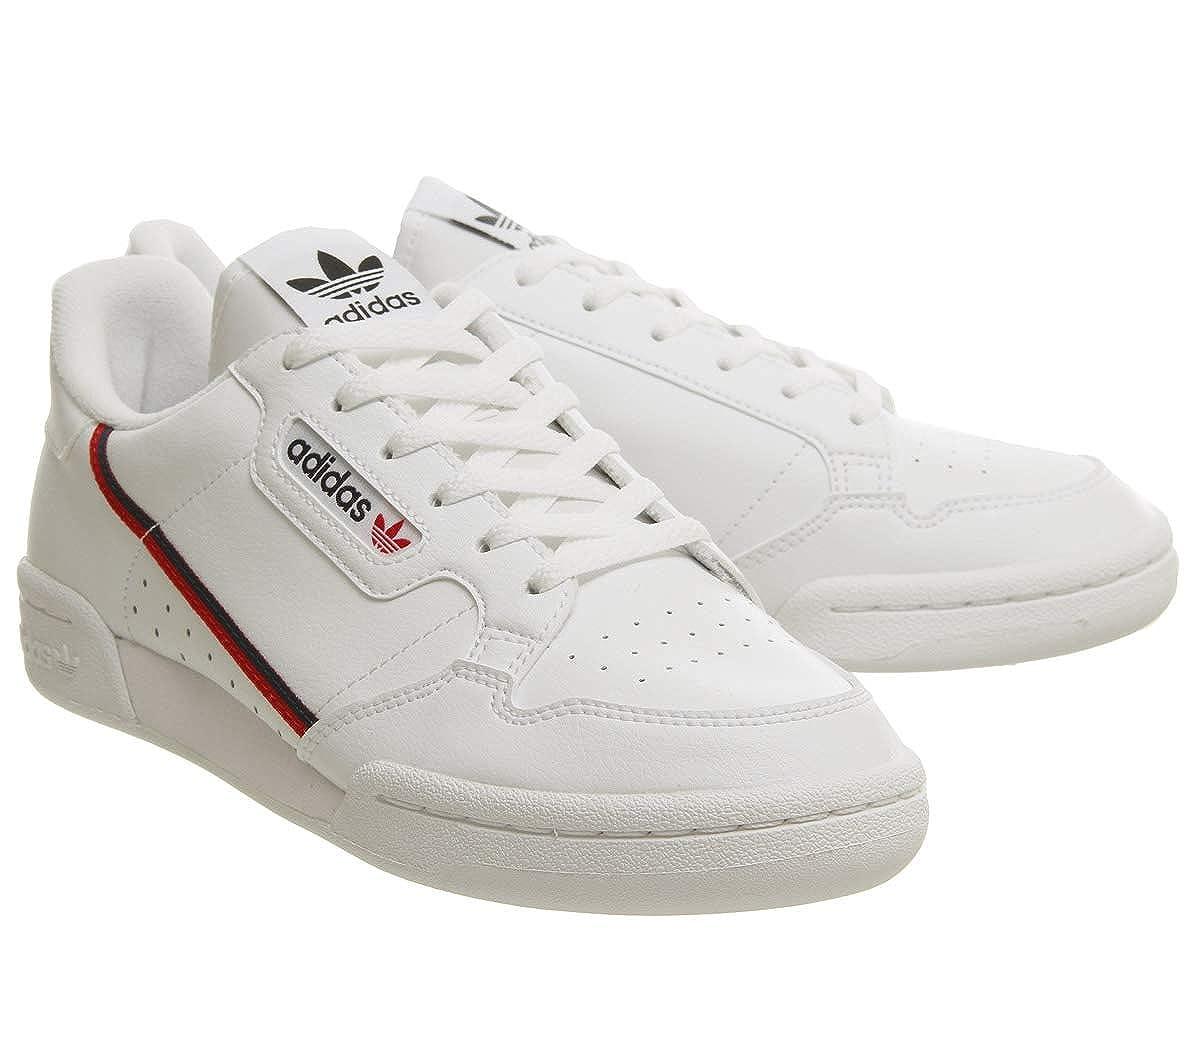 best website 73948 89d03 adidas continental 80 blanc